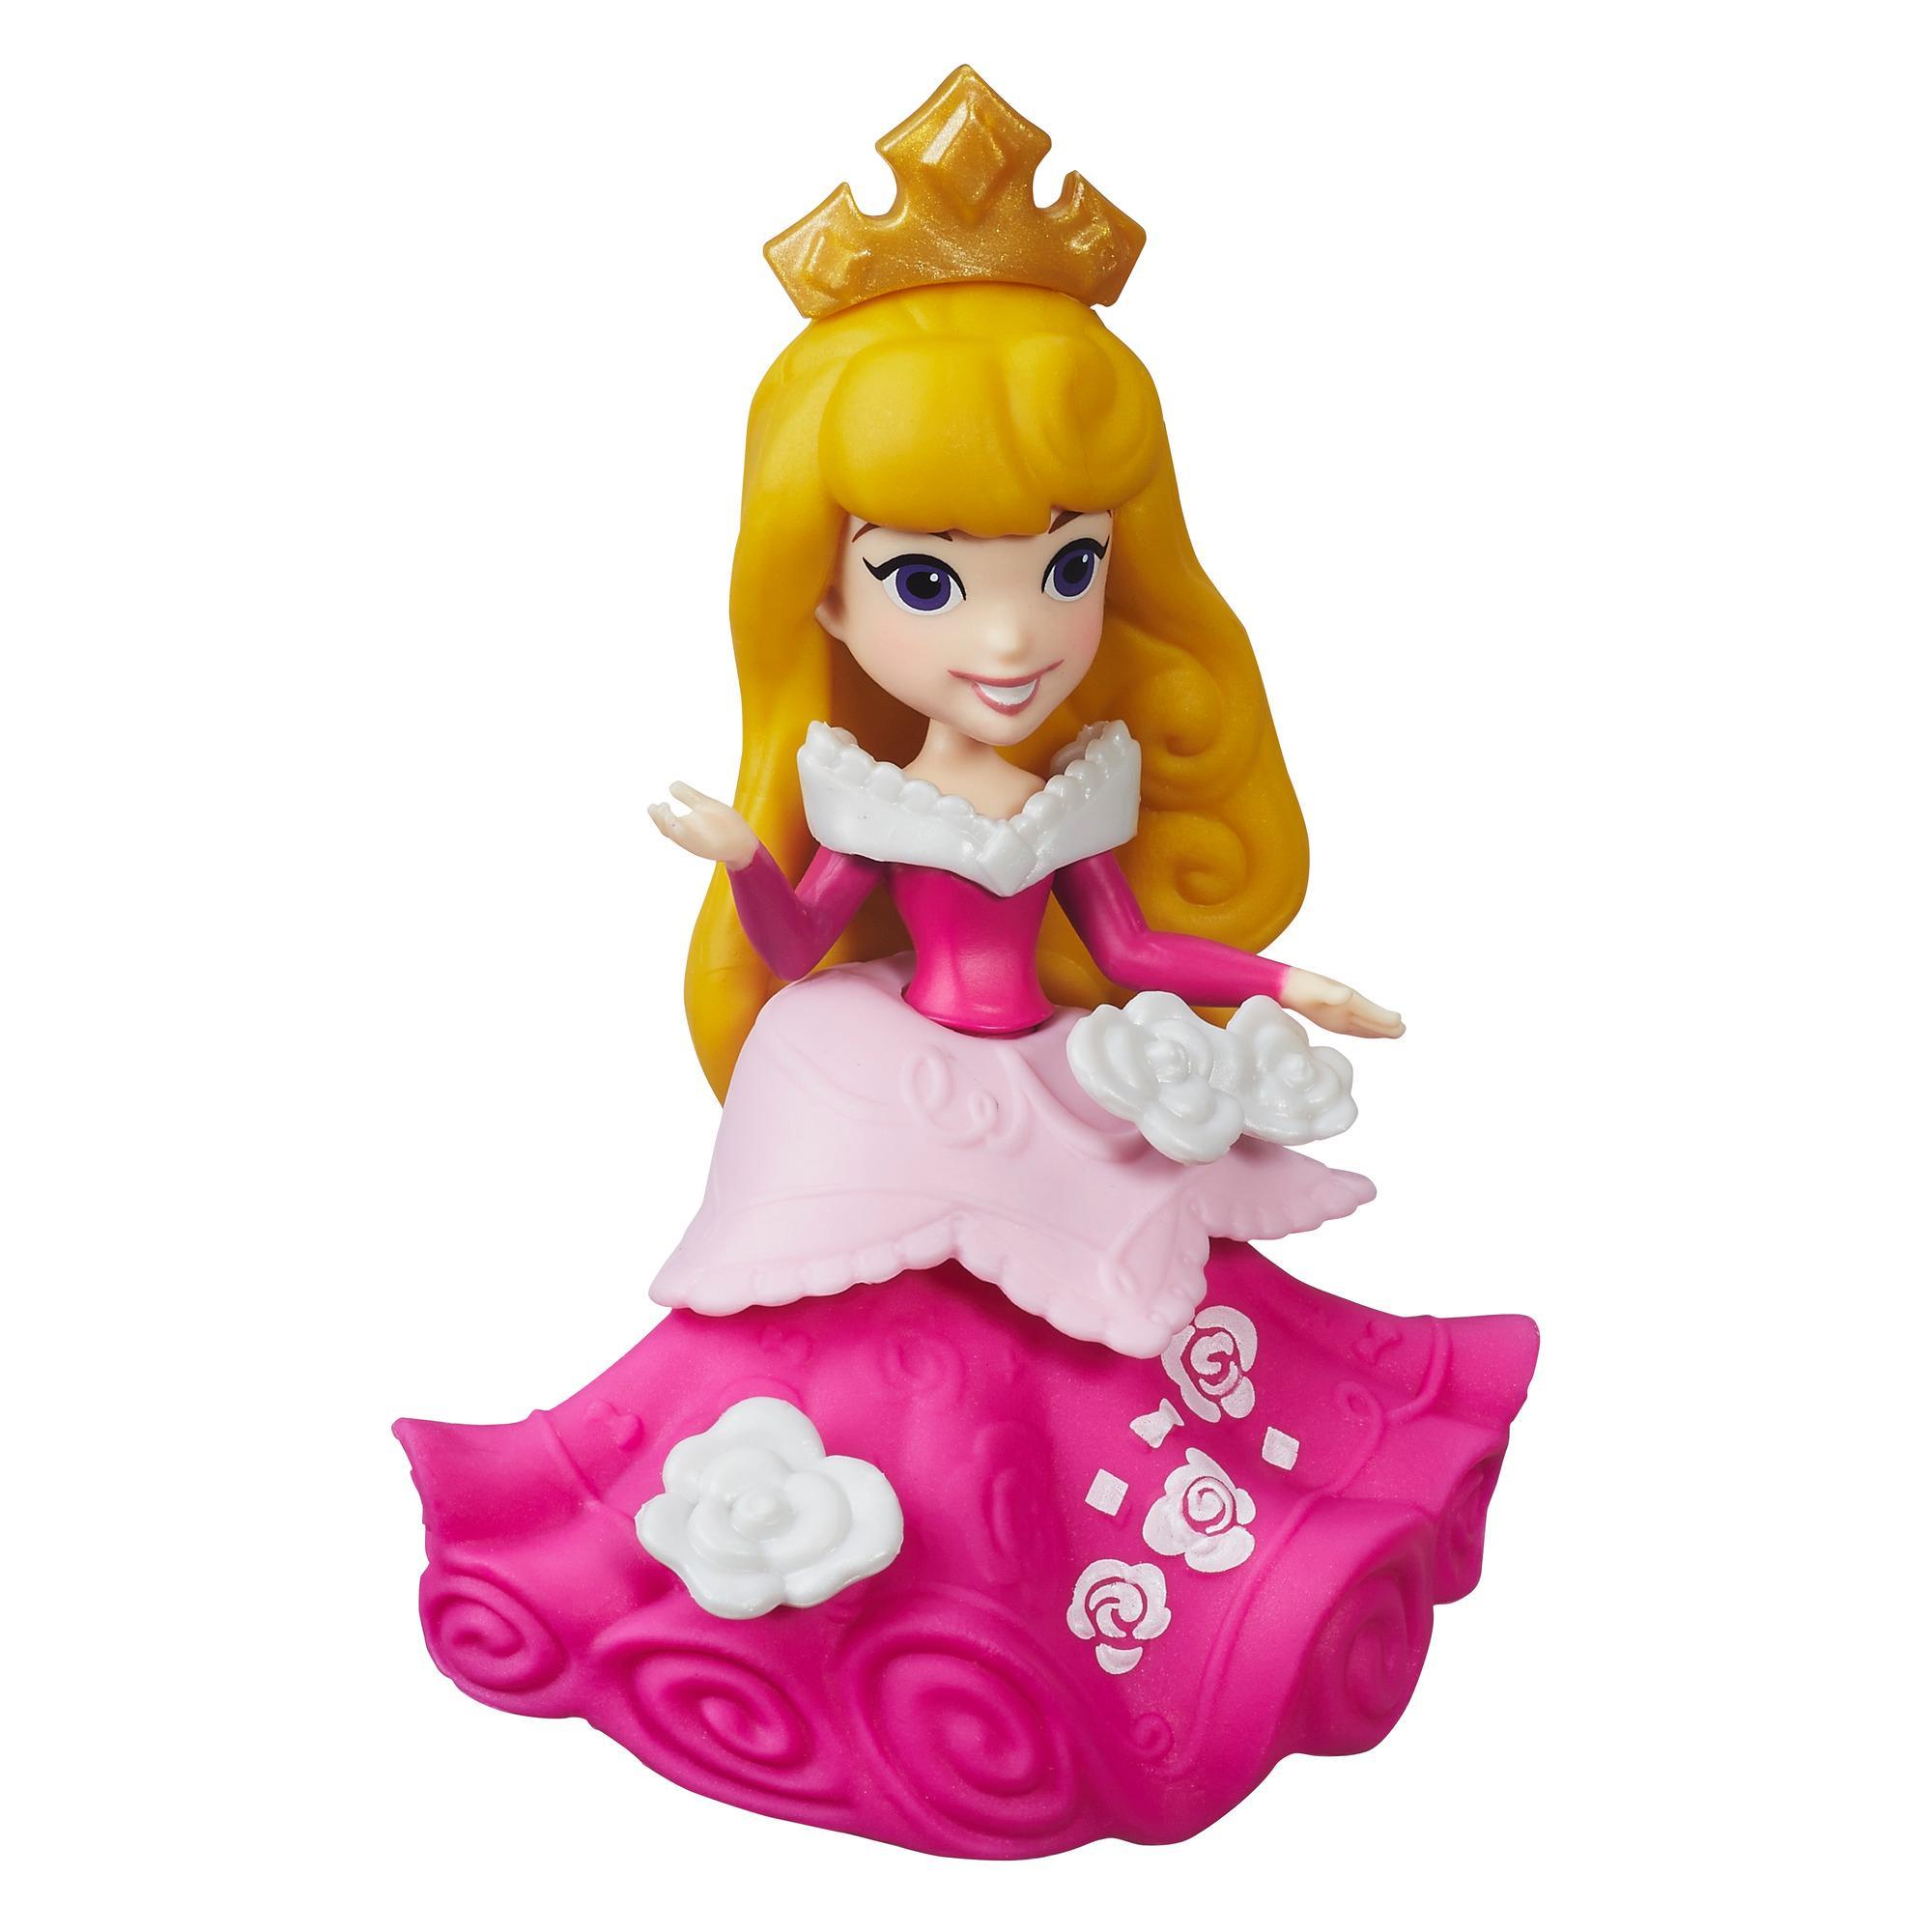 Aurora clásica Pequeño Reino Disney Princess